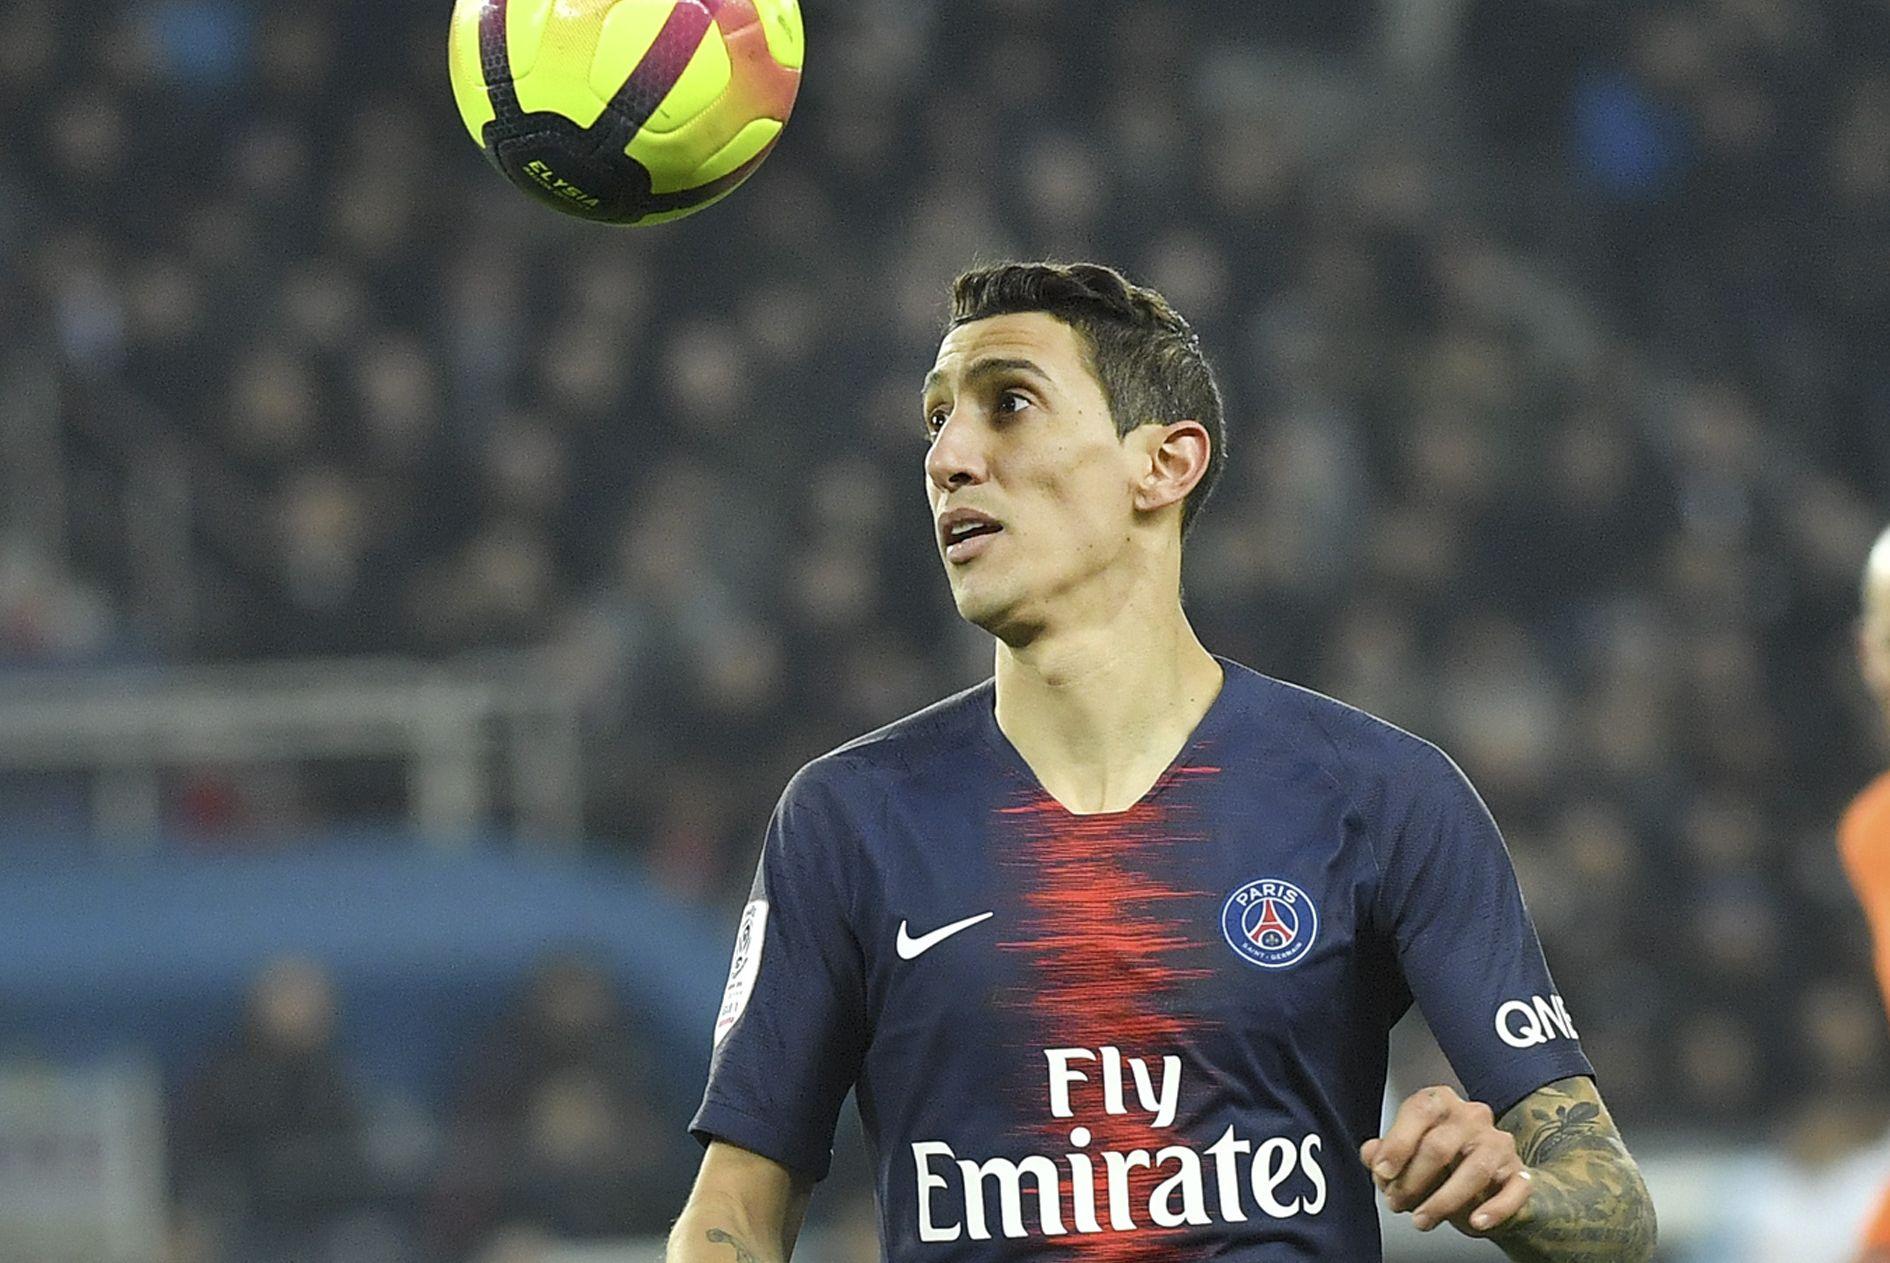 Football - Ligue 1 - PSG : Di Maria peut-être de retour à Lille, Neymar, Cavani et Marquinhos forfaits